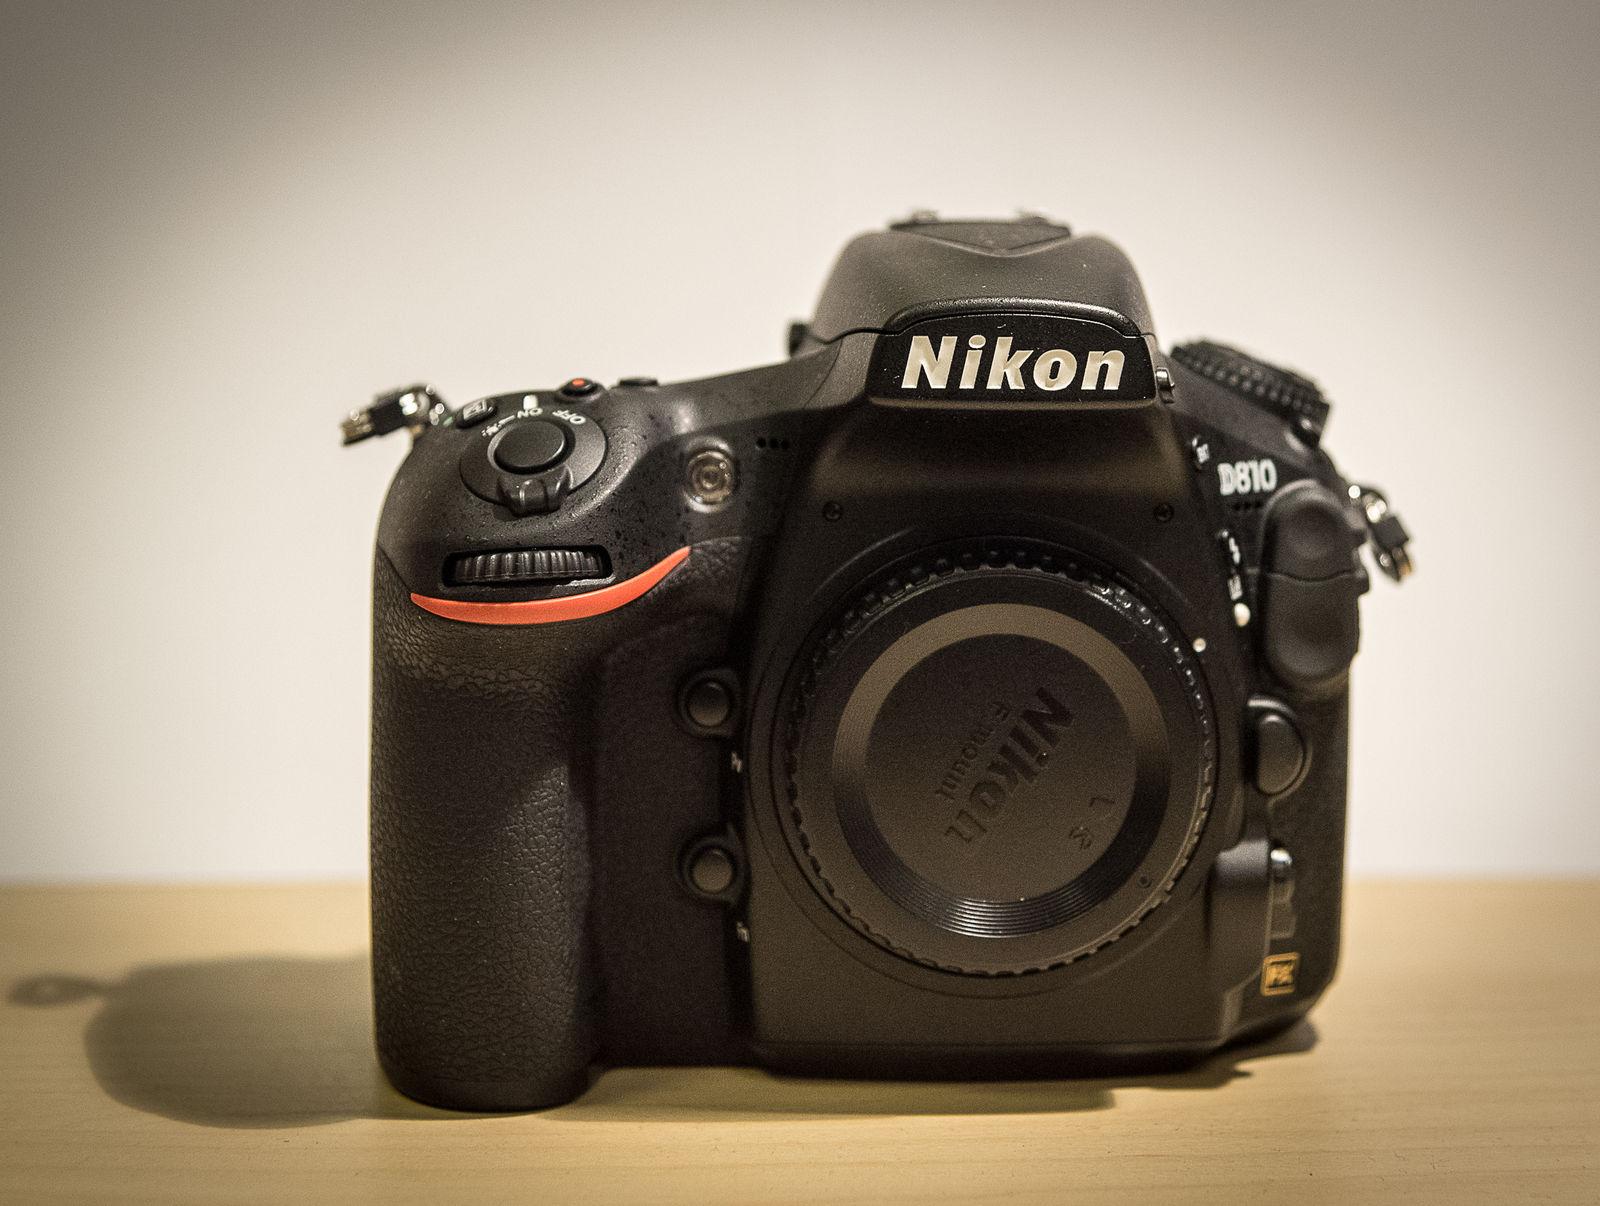 Nikon D810 (Gehäuse), nur 2000 Auslösungen. Top Zustand! Mit L-Winkel.